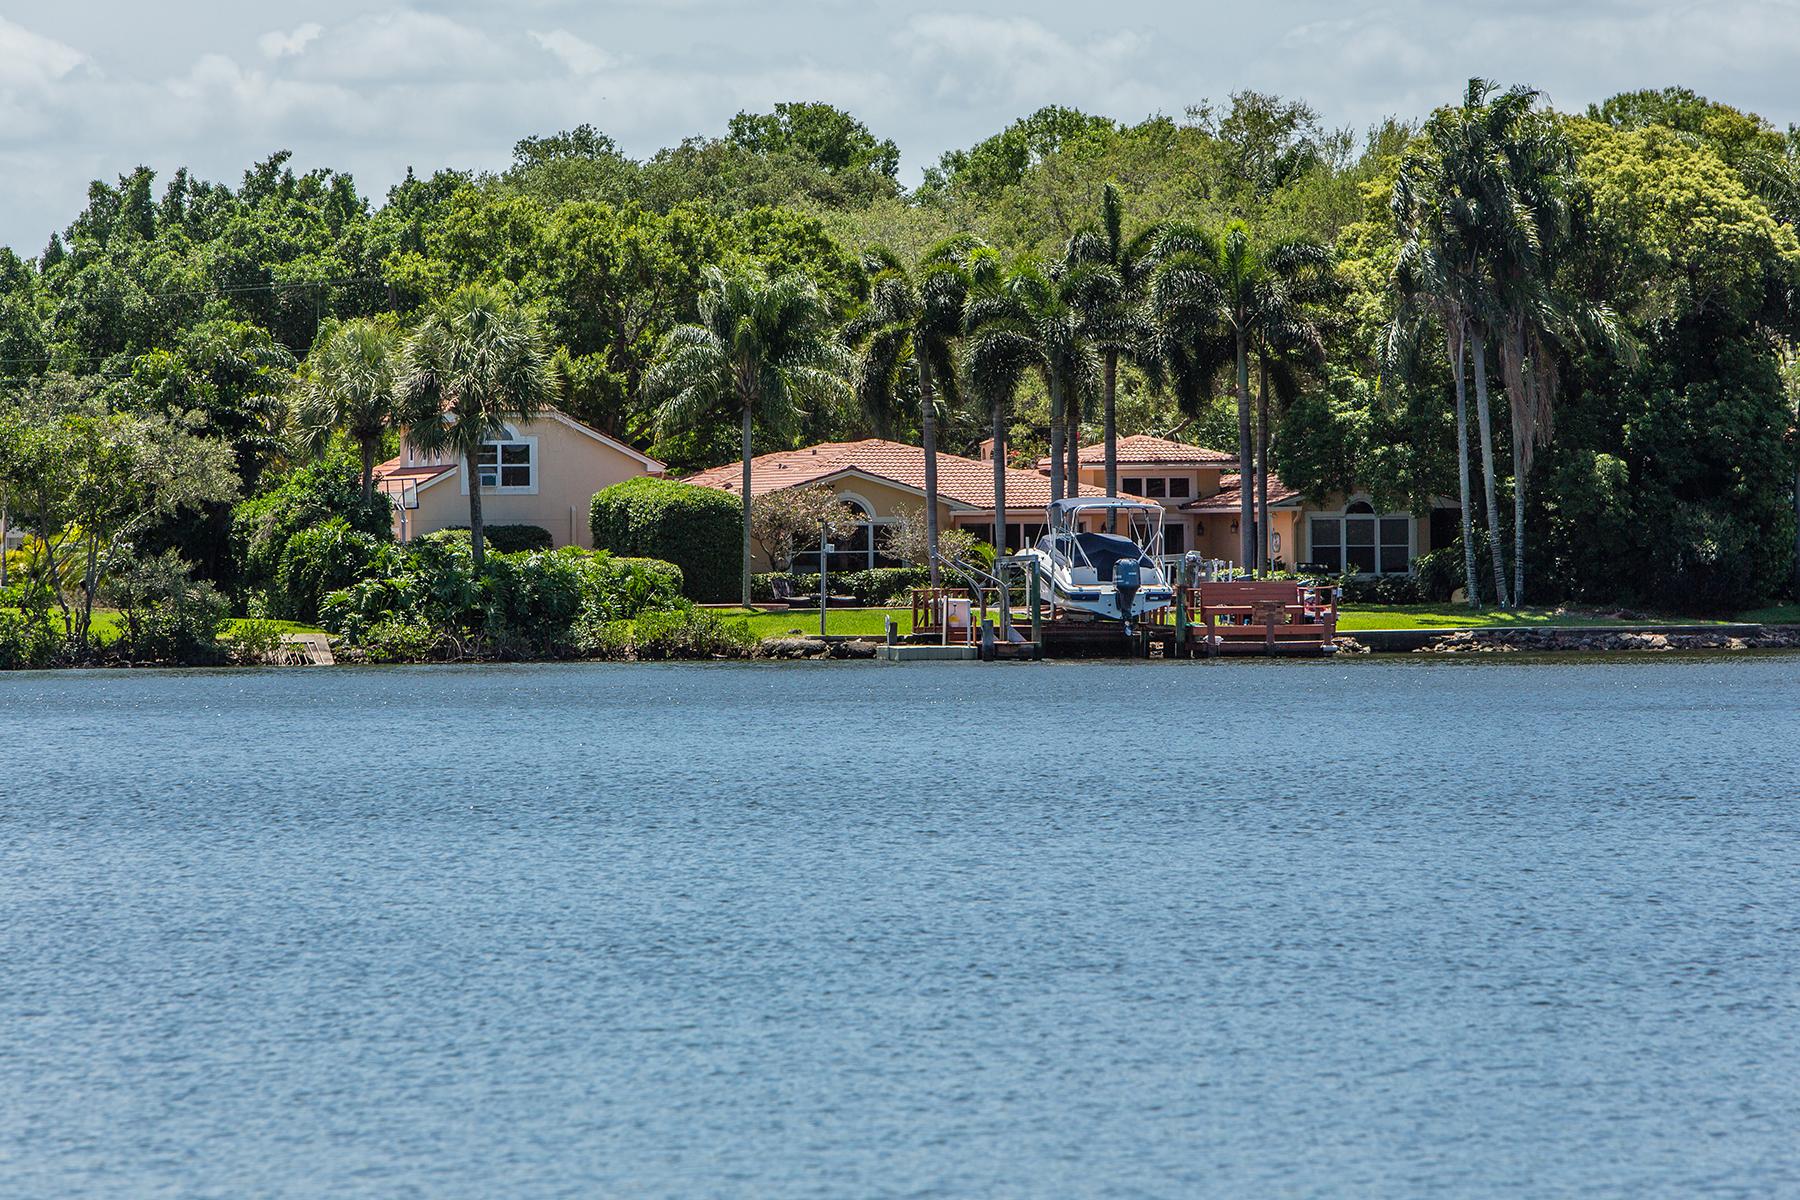 土地 のために 売買 アット SNELL ISLE 1248 Monterey Blvd NE 43 St. Petersburg, フロリダ 33704 アメリカ合衆国